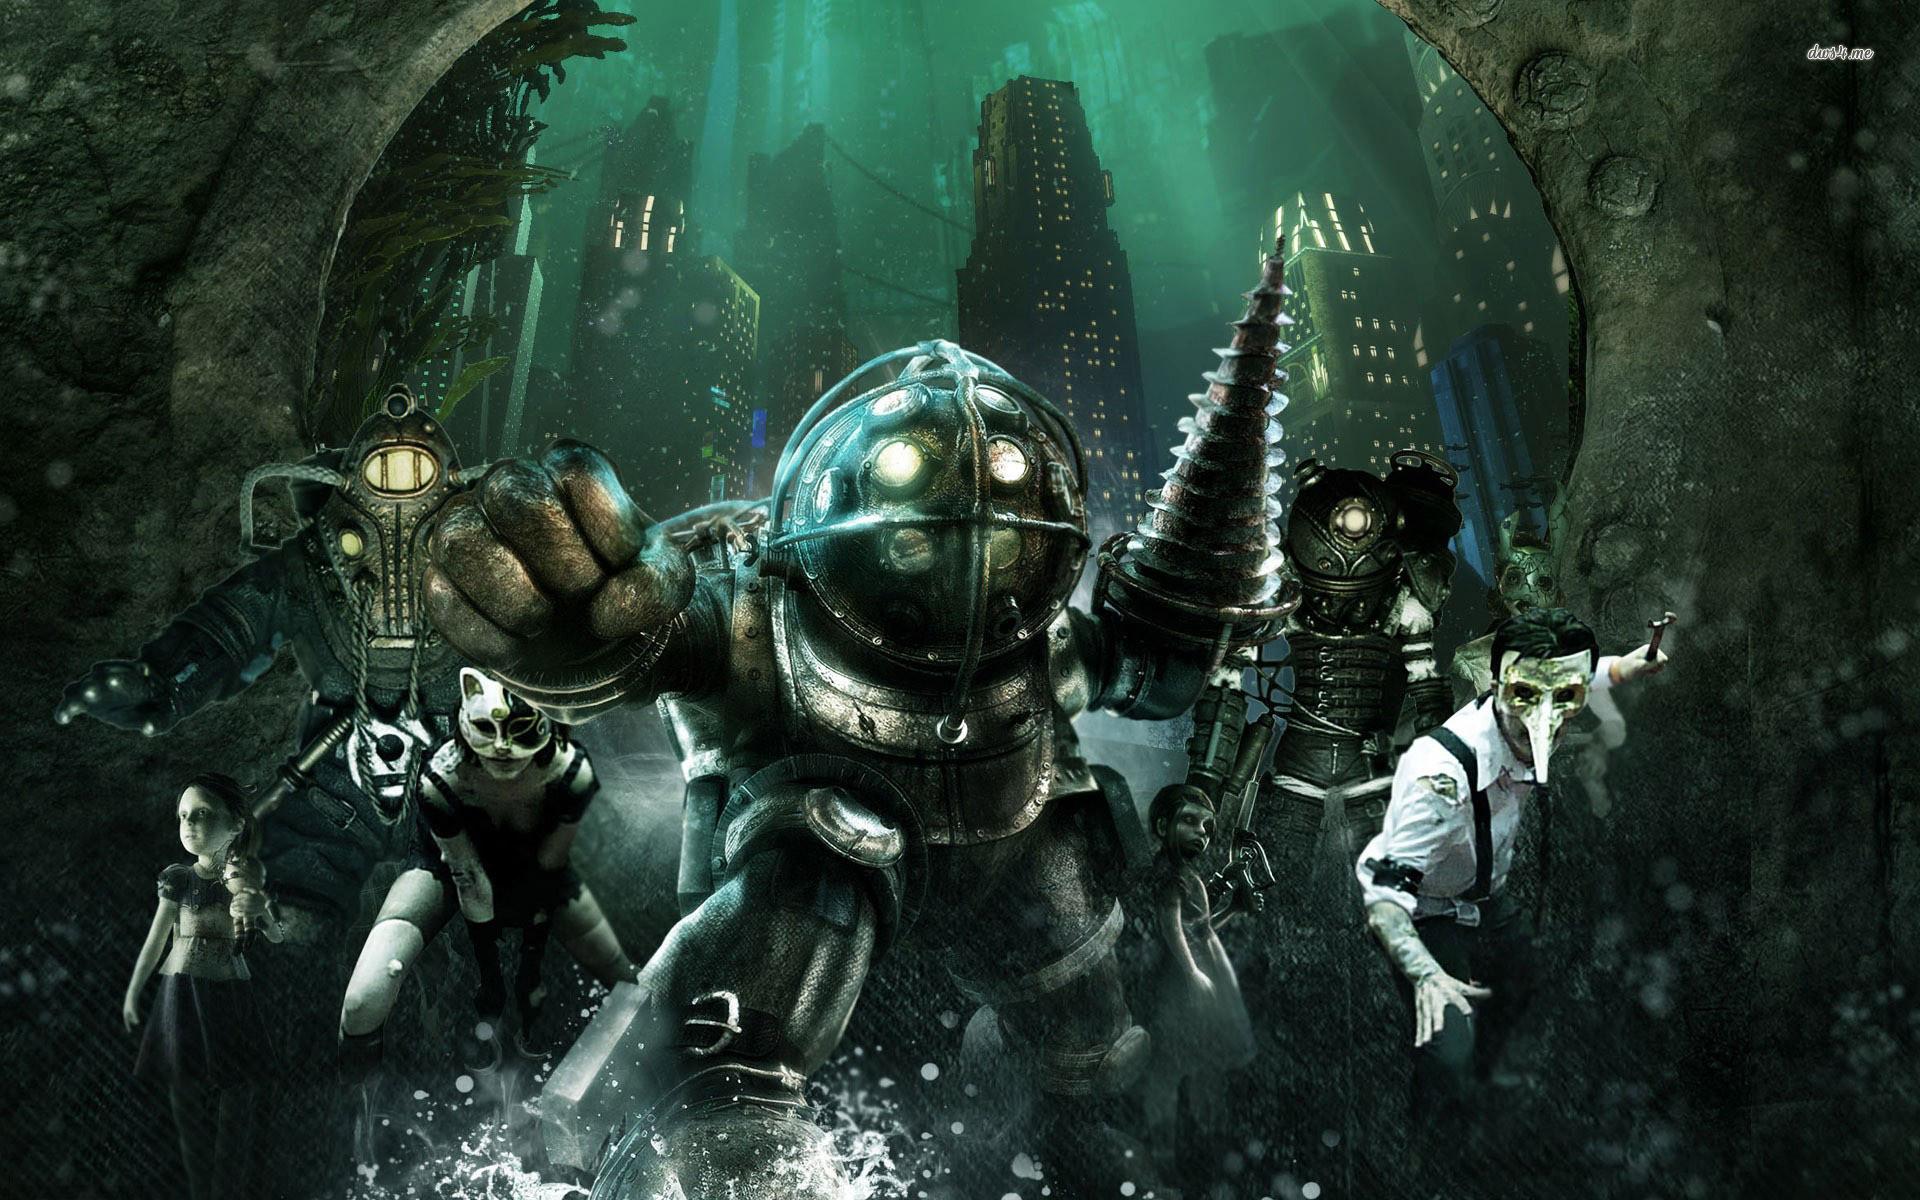 Bioshock 2 Wallpaper 78 pictures